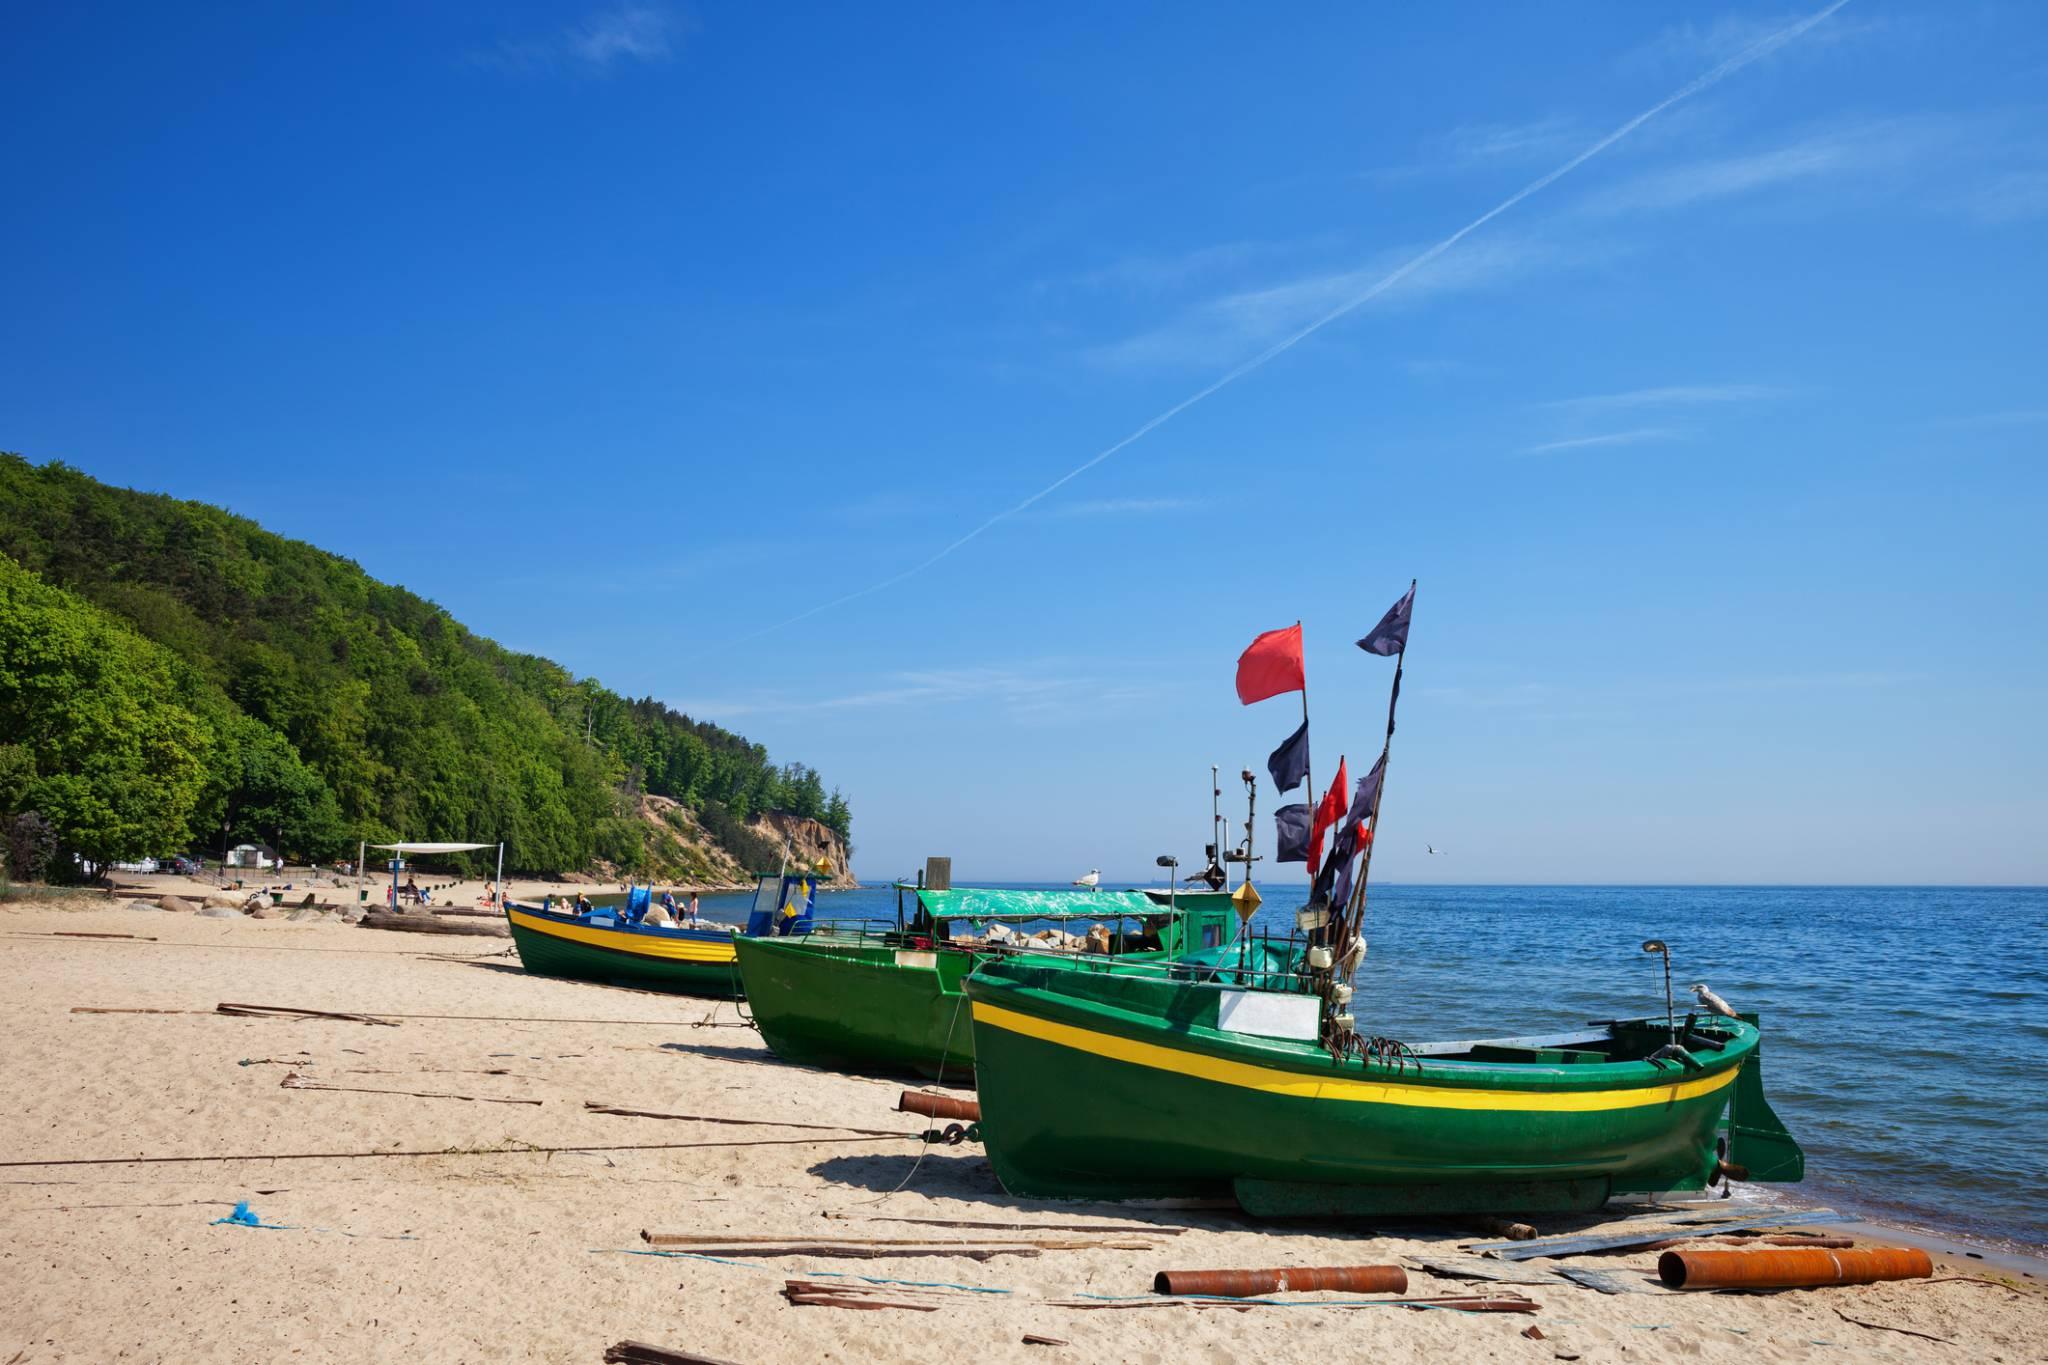 Pozdrowienia znad Bałtyku - najpiękniejsze plaże